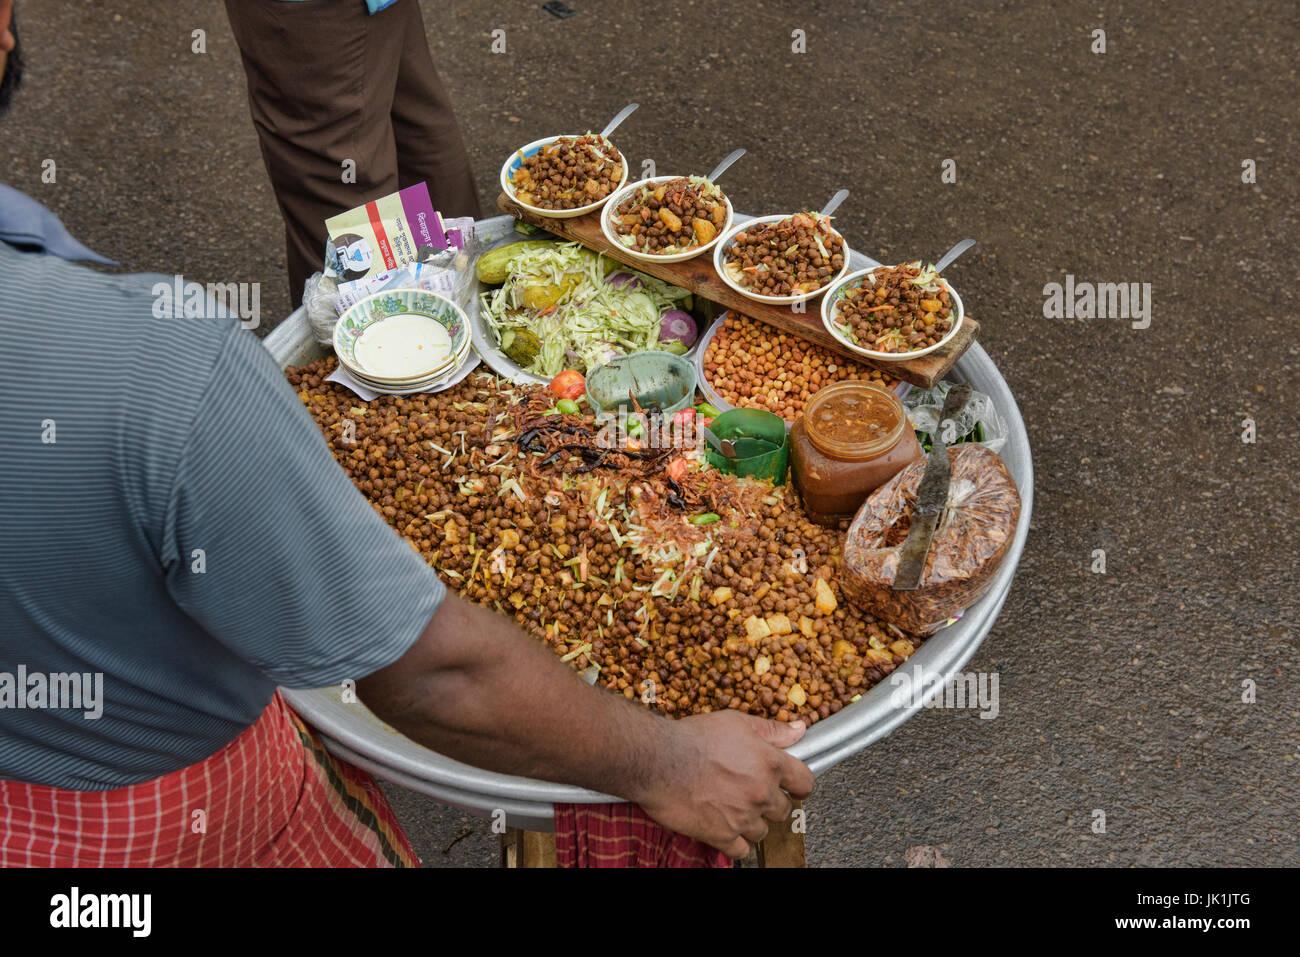 Chaat, a common Bangladeshi street snack, Dhaka, Bangladesh - Stock Image